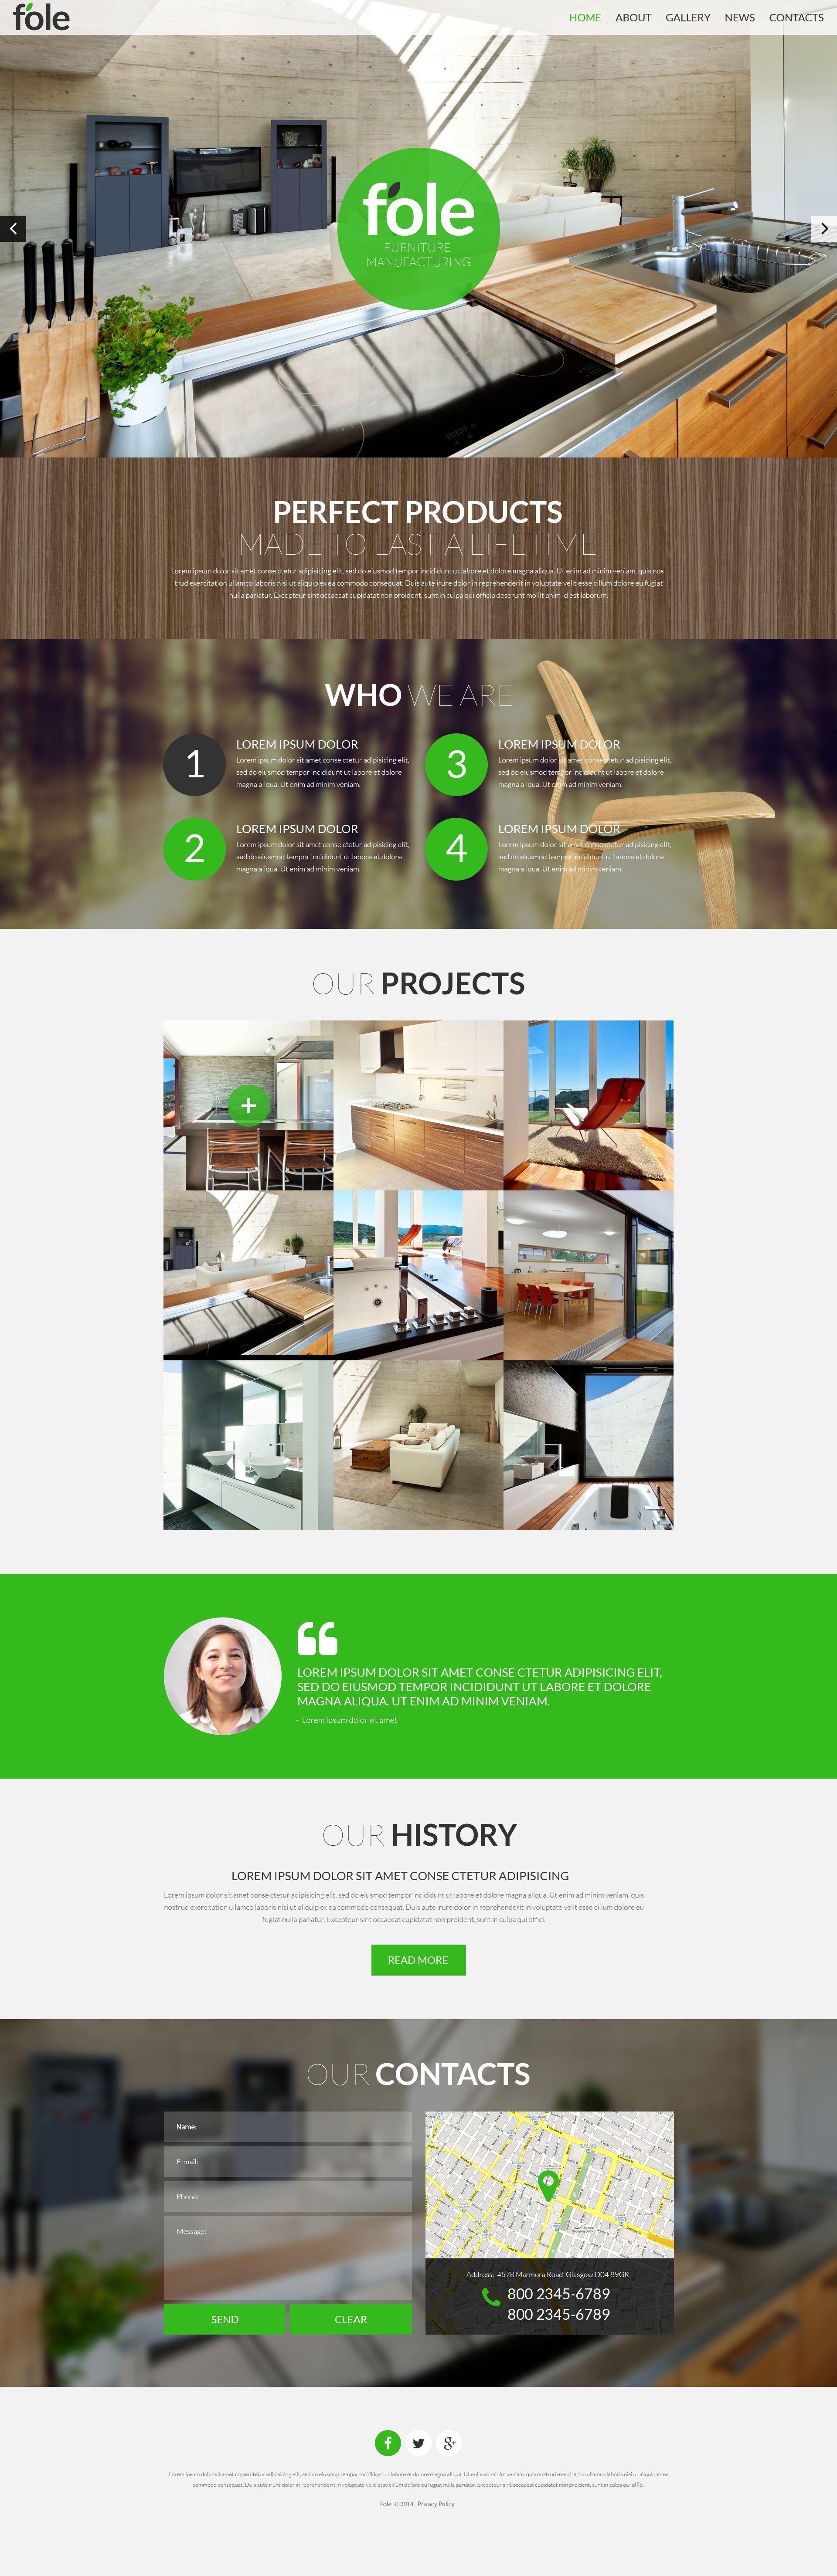 Asombroso Plantillas De Muebles Web Composición - Ejemplo De ...